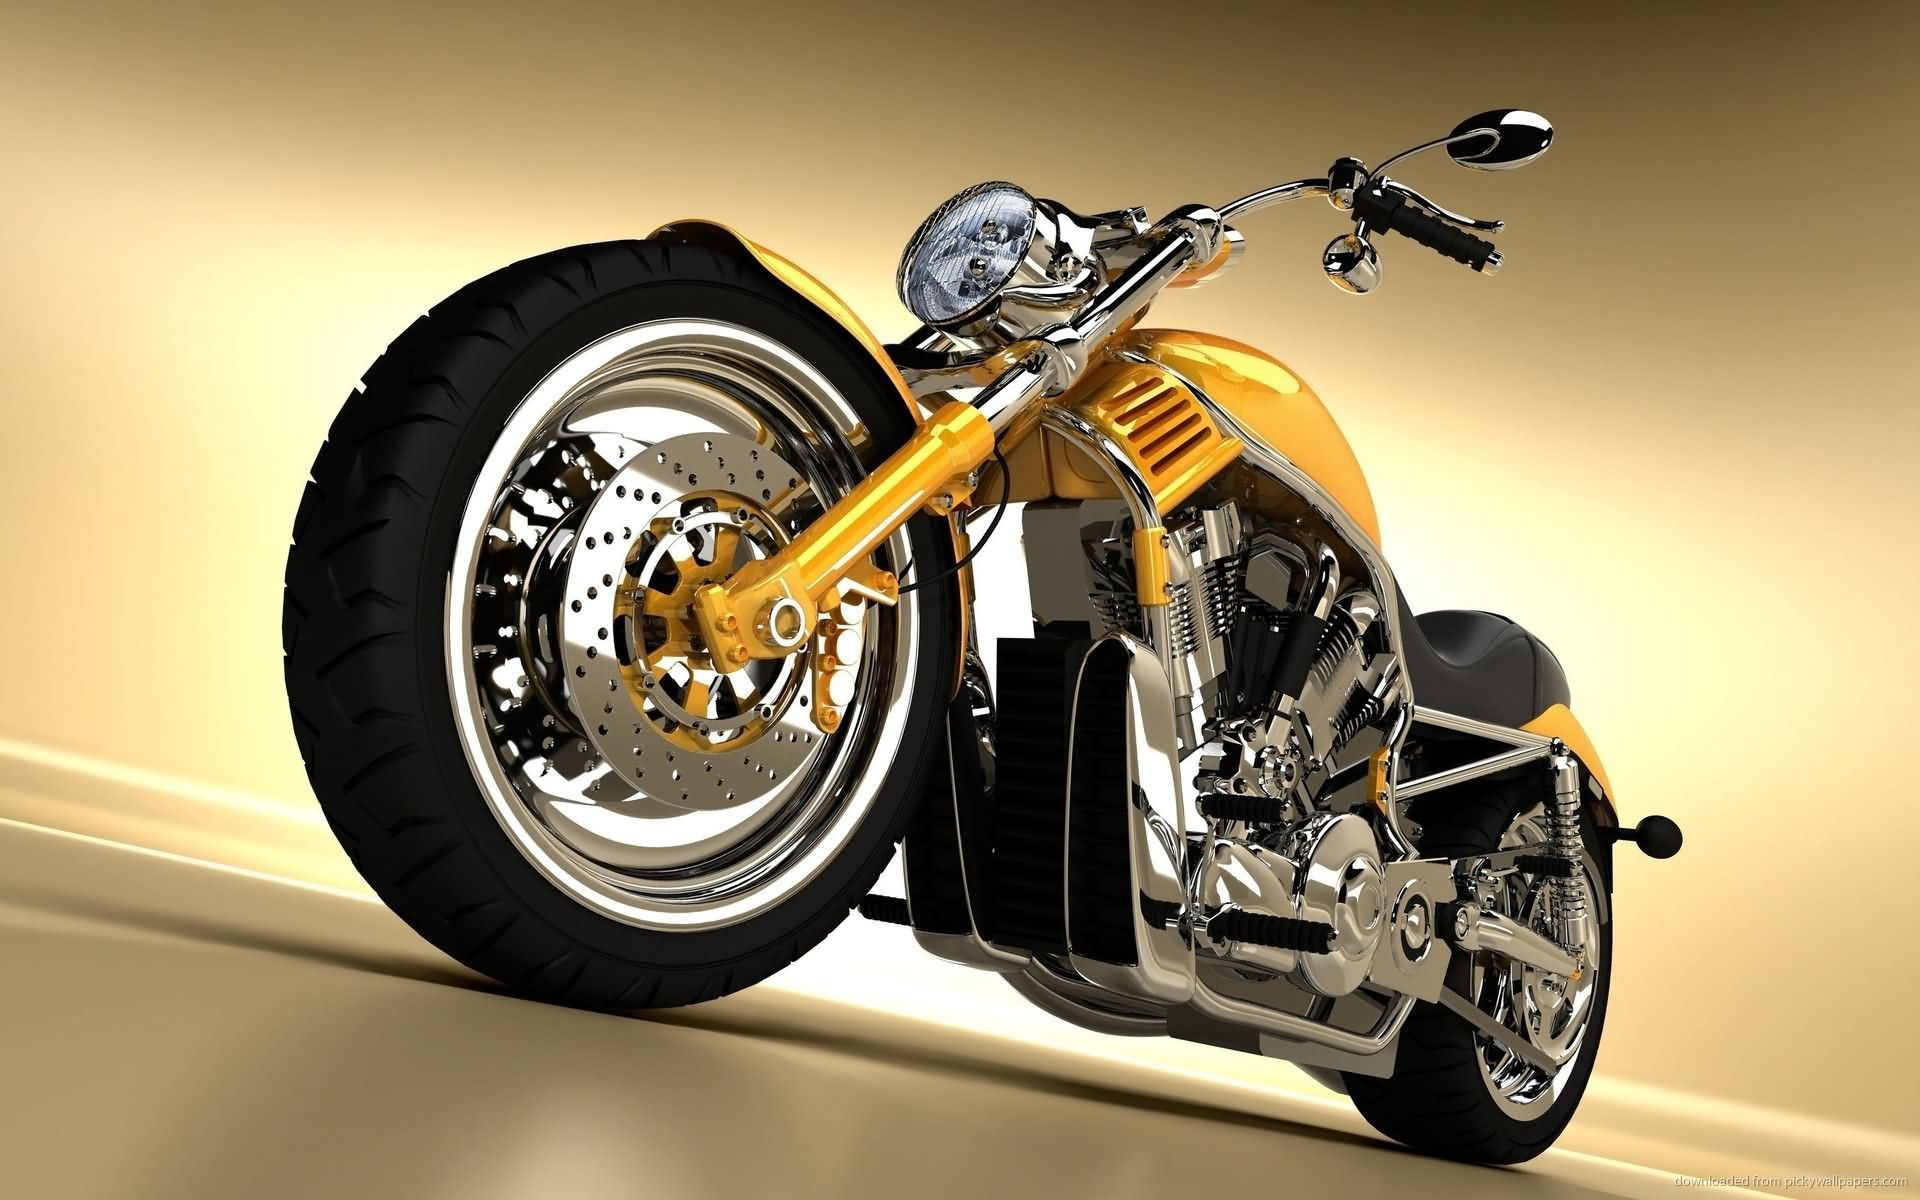 Yellow Chopper Harley Davidson Bike Hd Wallpaper Classic Harley Davidson Harley Davidson Motorcycles Harley Davidson Crafts